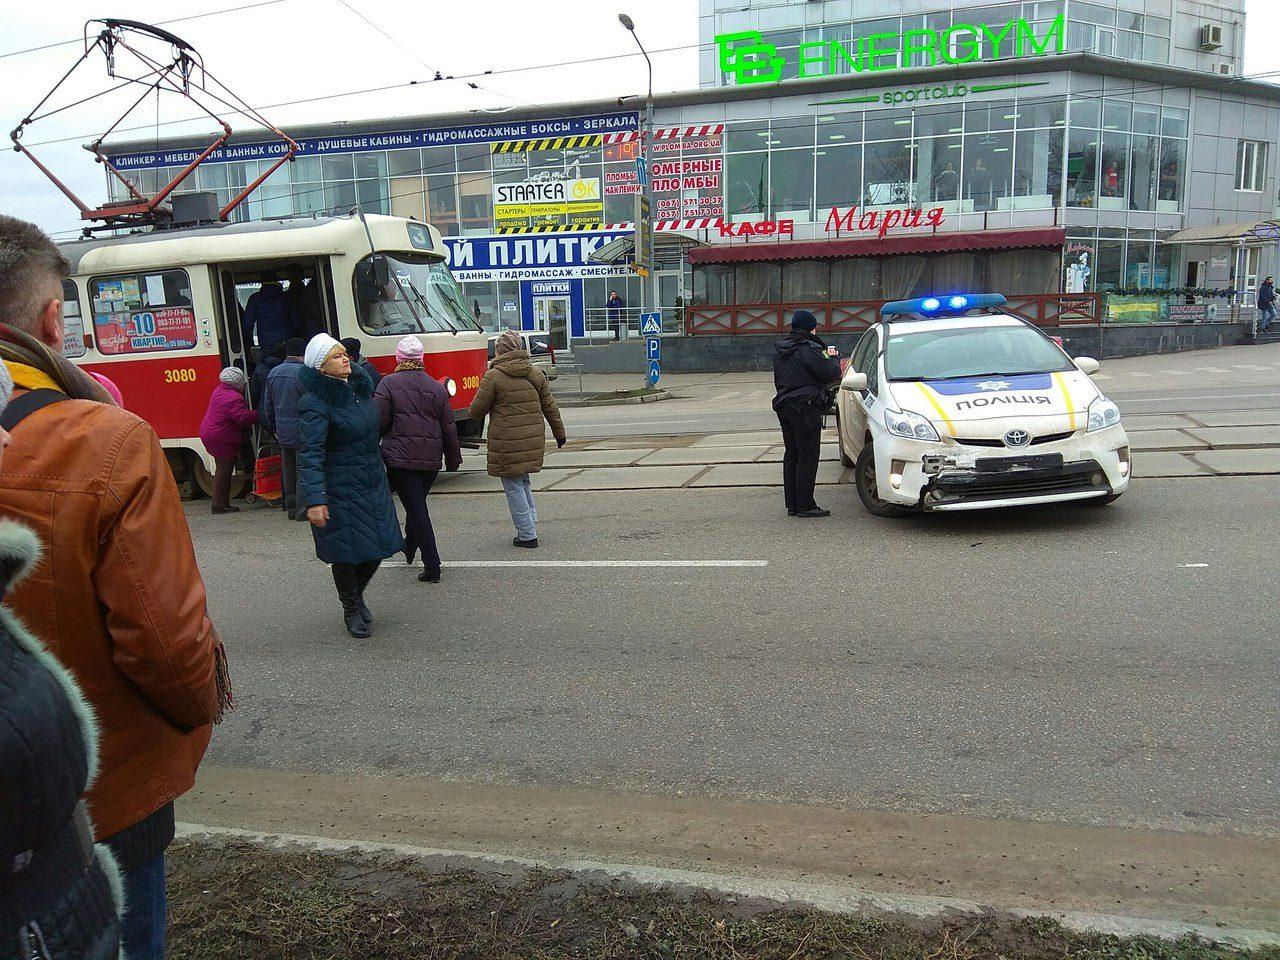 Харьковские копы заблокировали движение транспорта в городе (фото)